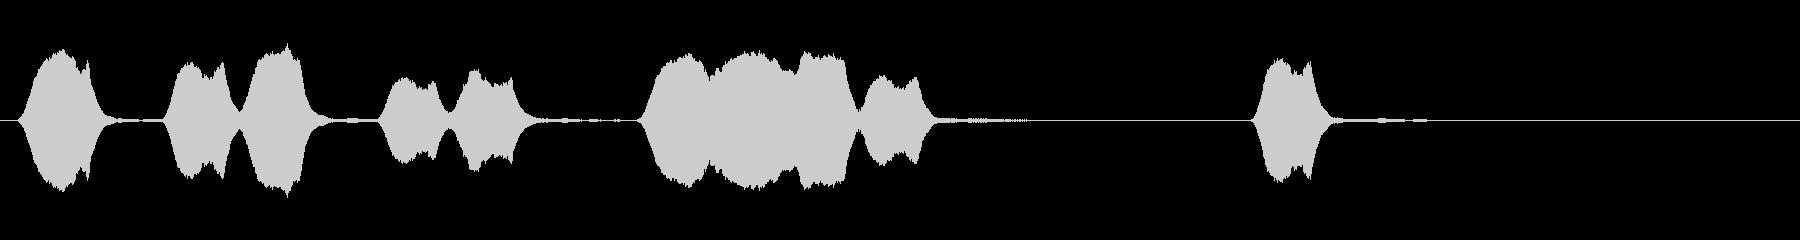 ジングル 口笛 学校 ほのぼのの未再生の波形